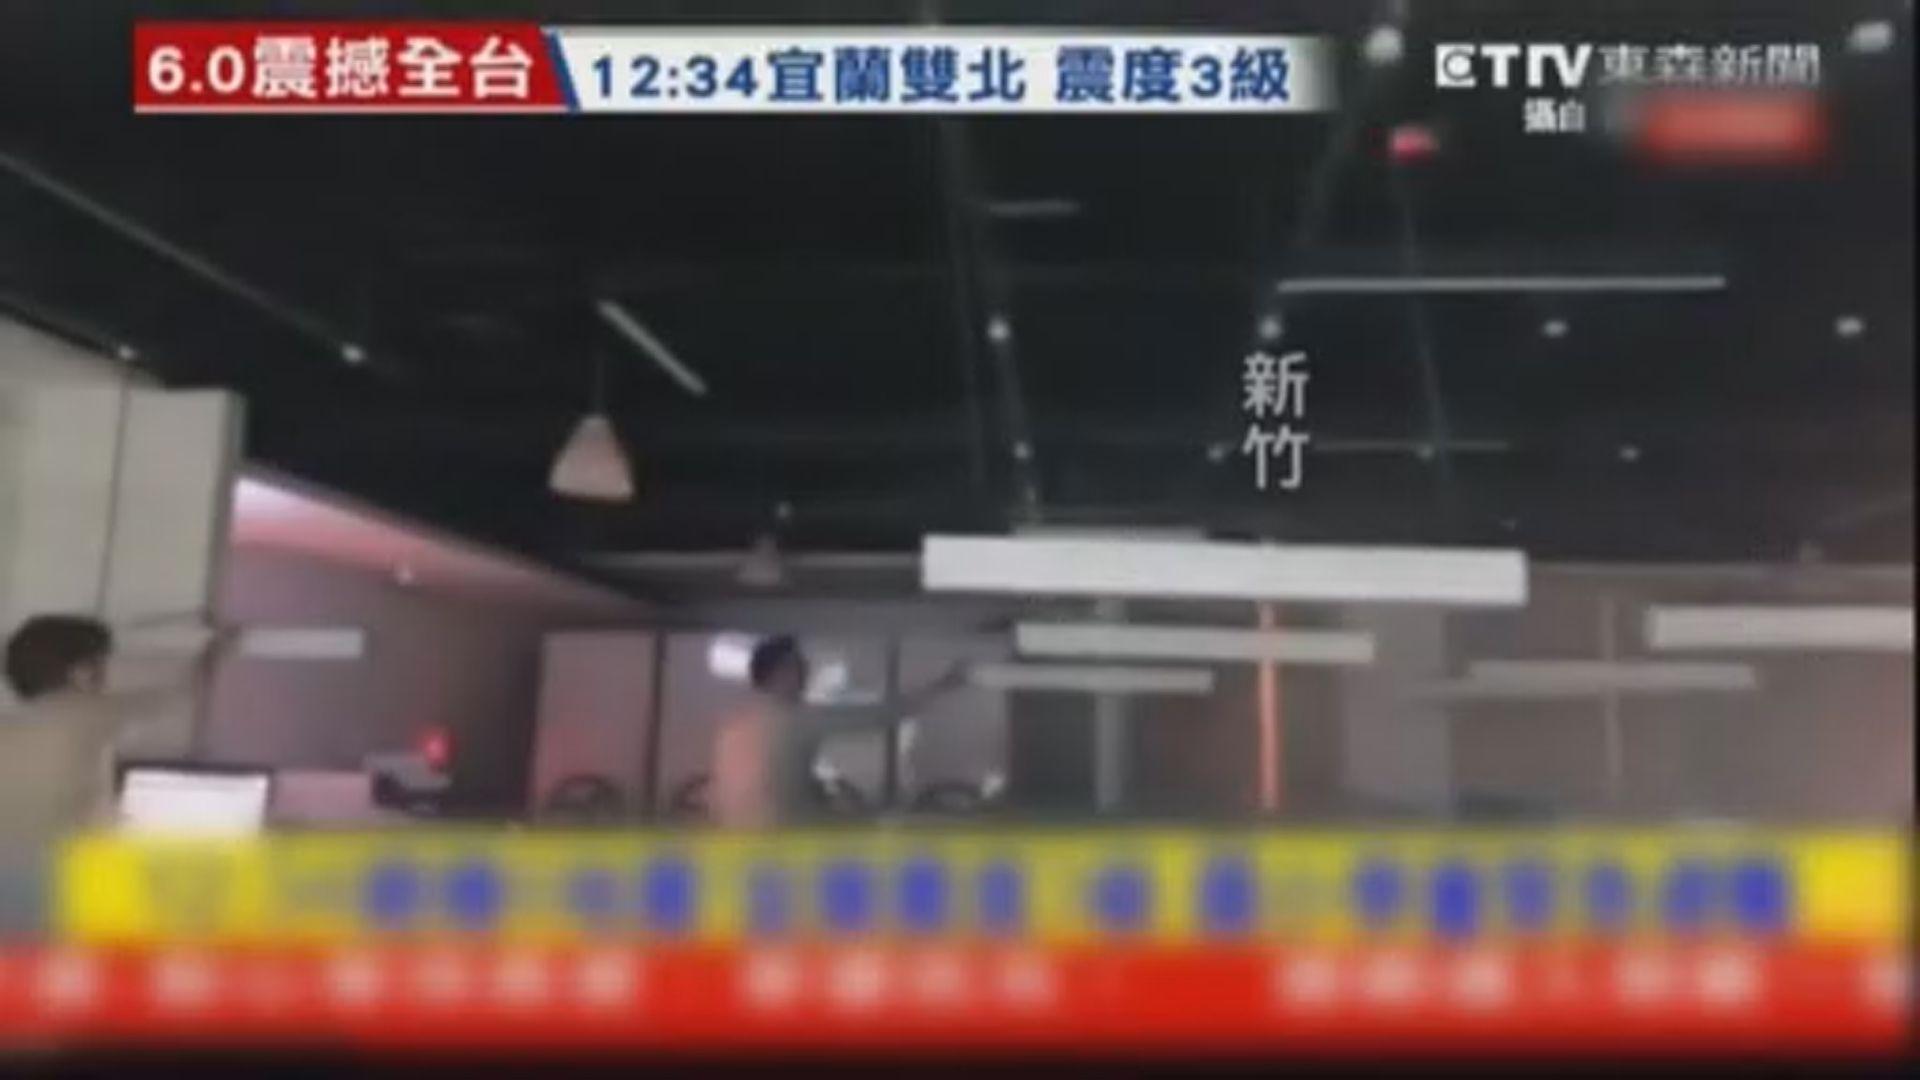 花蓮外海六級地震 全台多處震動